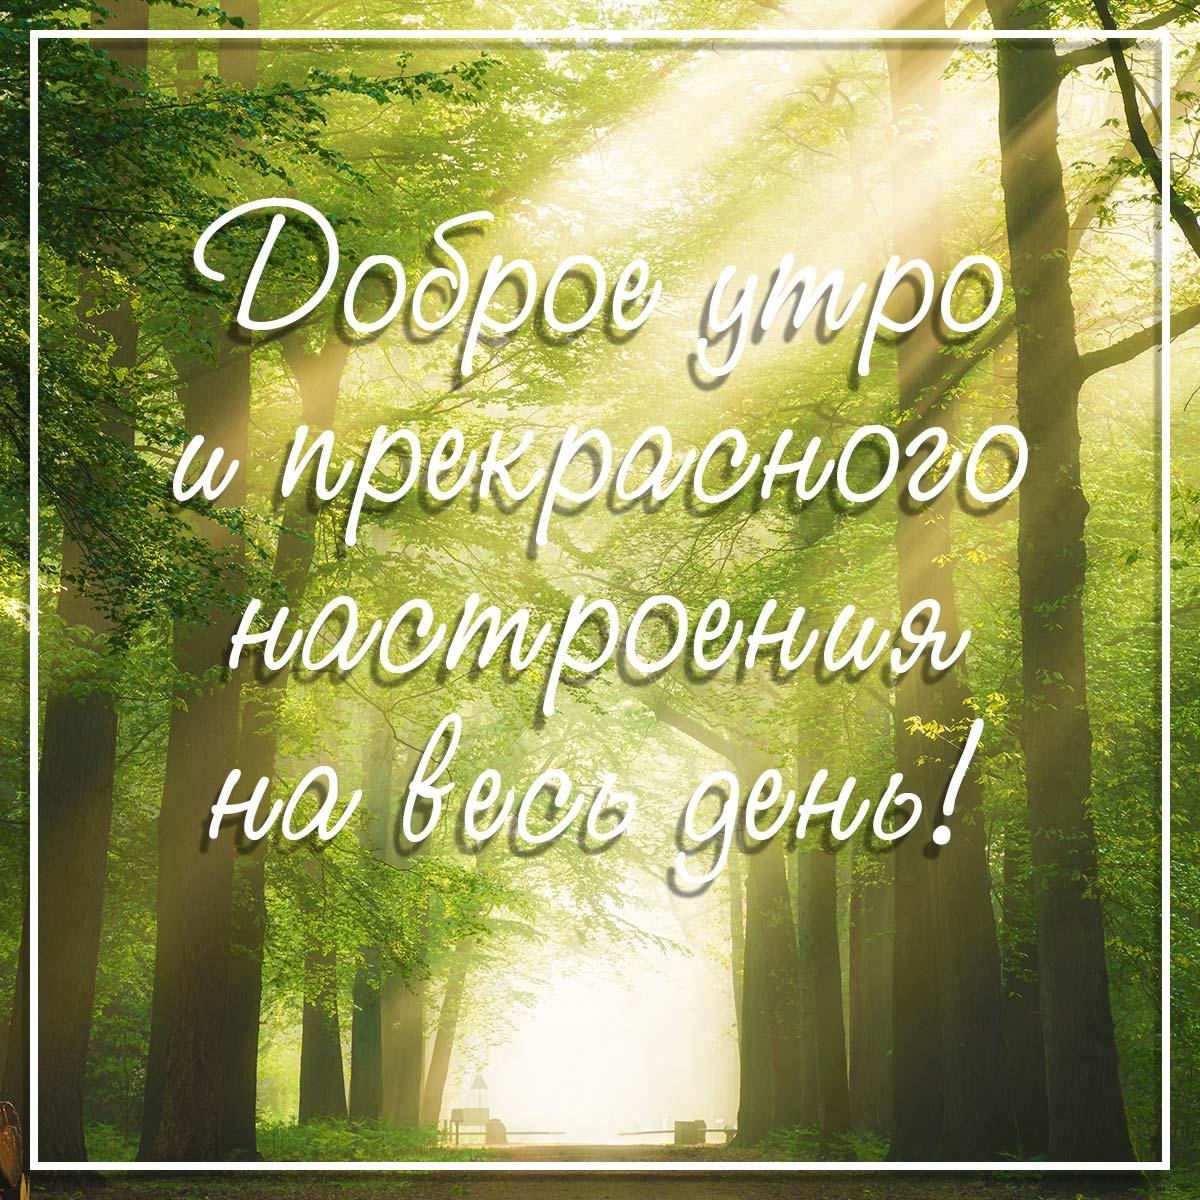 Фото с надписью доброе утро и прекрасного настроения на фоне утреннего пейзажа с высокими лиственными деревьями, залитыми солнечным светом.